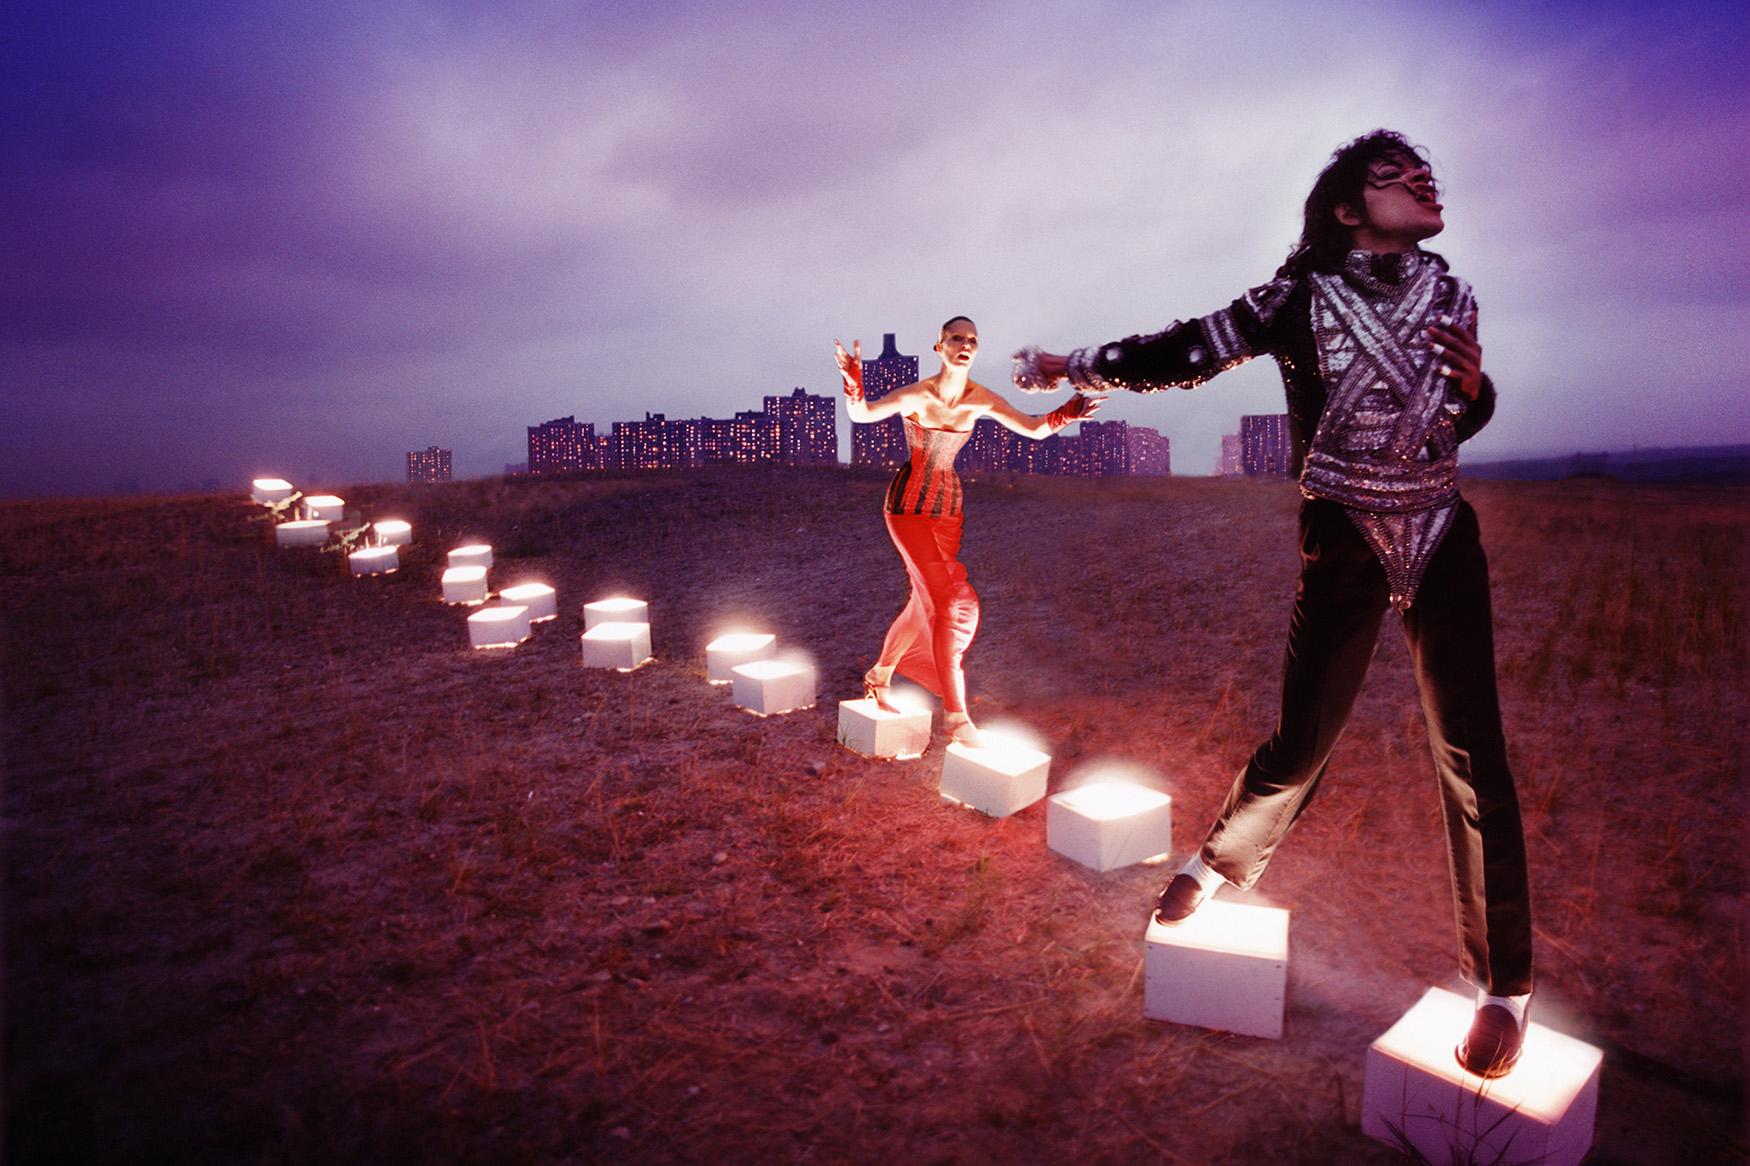 Michael Jackson tanzt und singt während er über erleuchtete Steine wandert, gefolgt von einer Frau